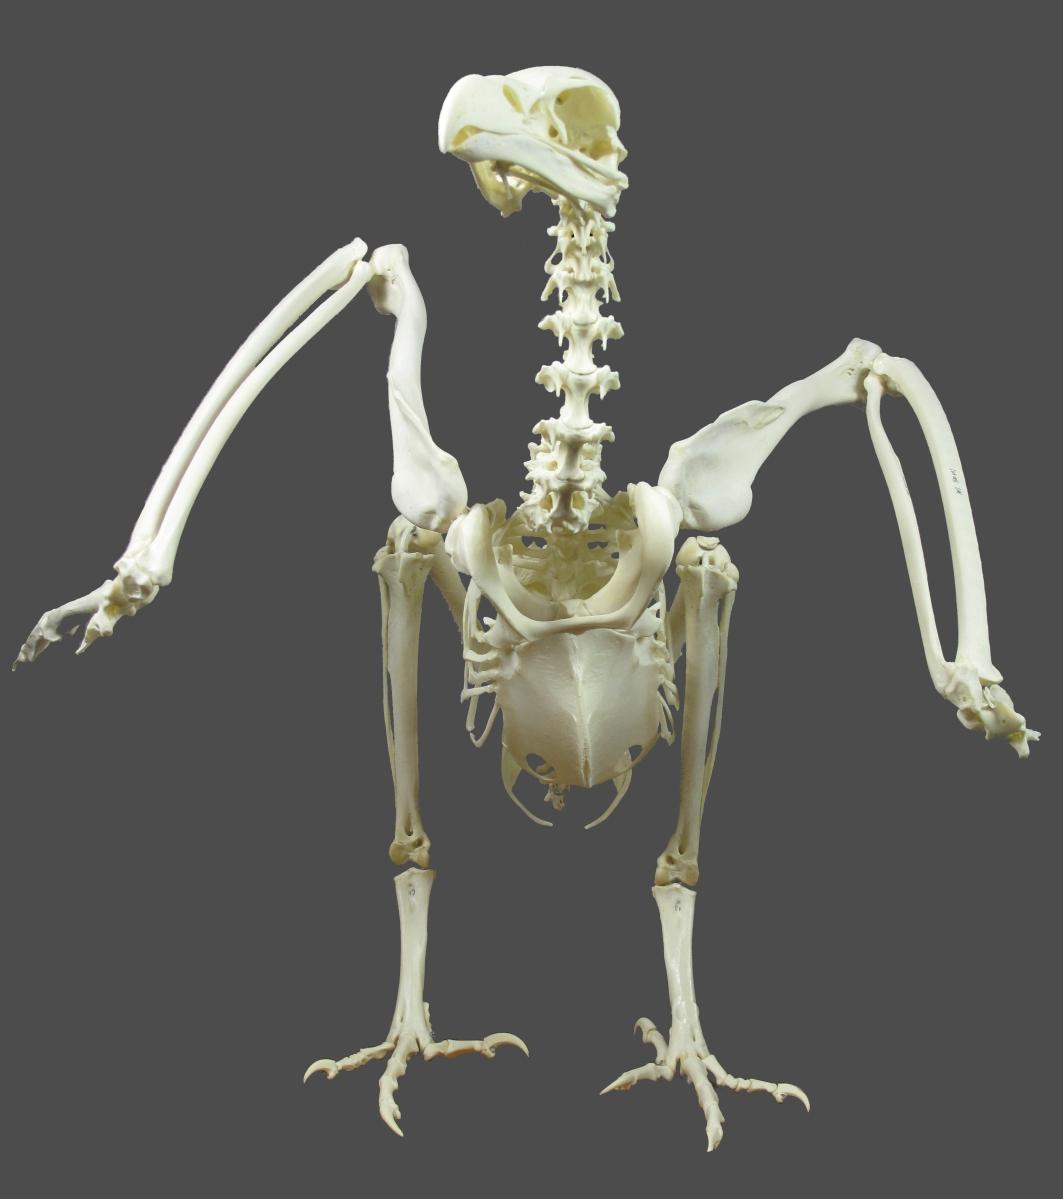 gyps fulvus esqueleto montado ulnae bones